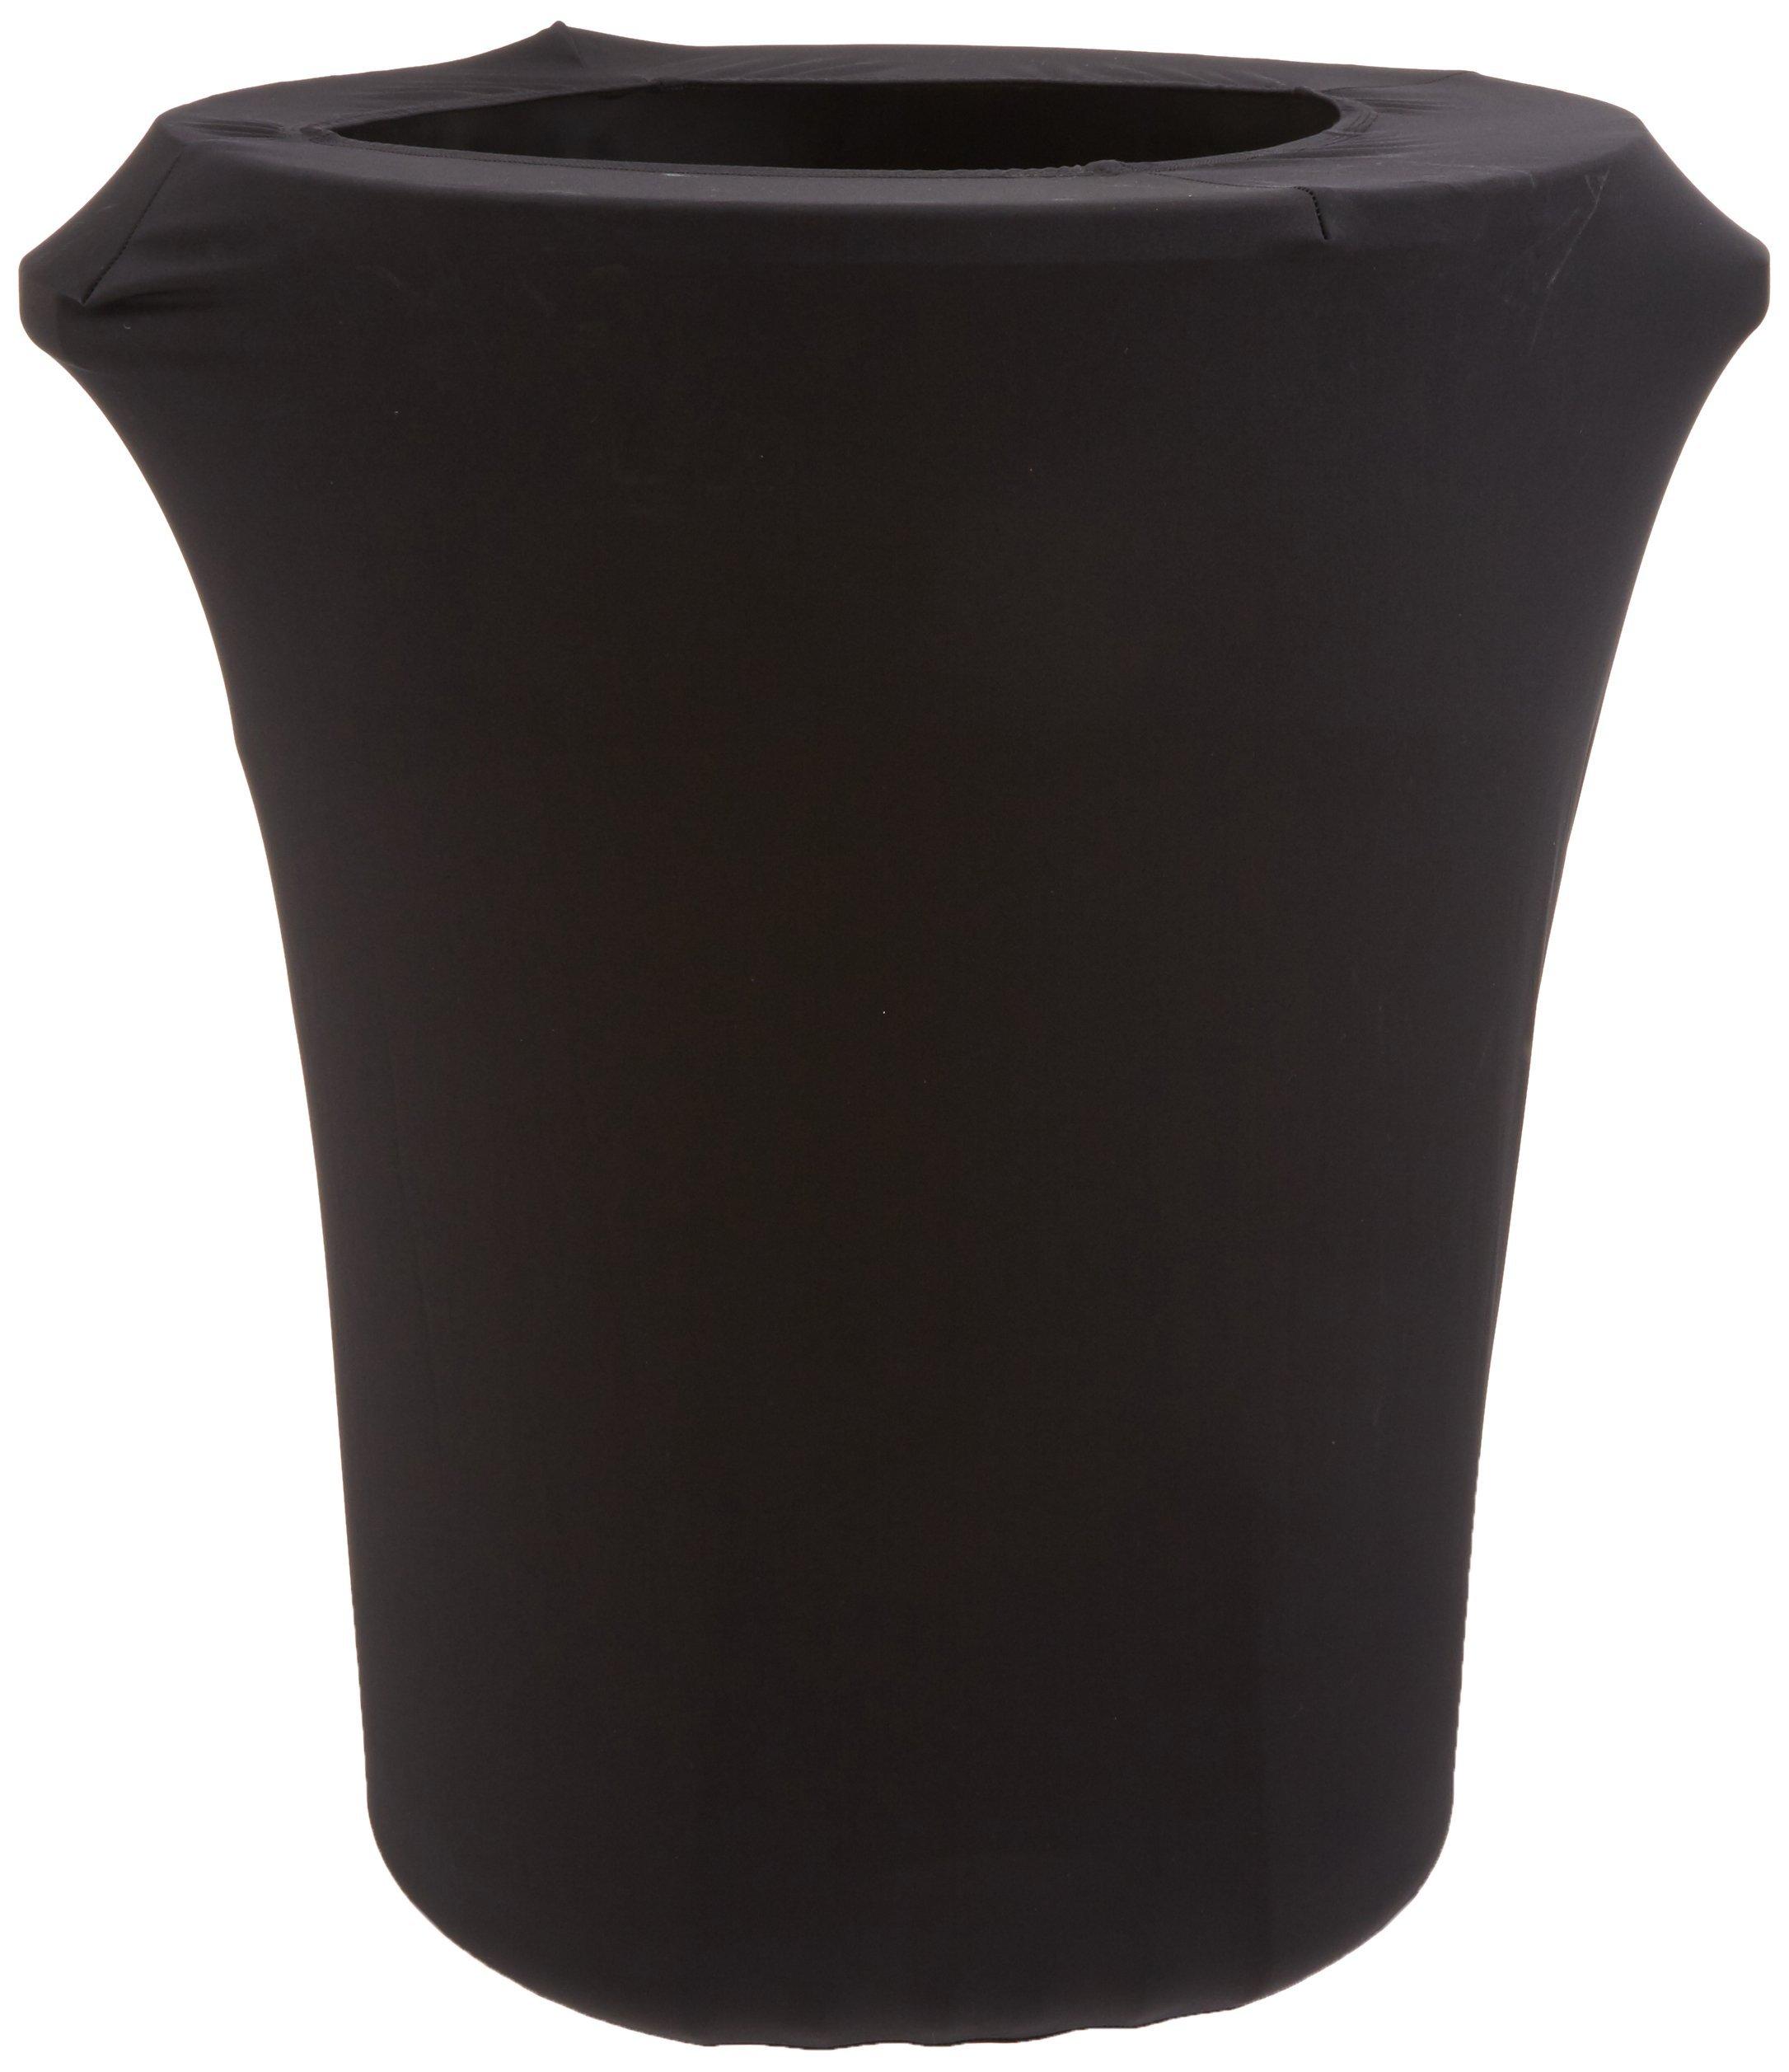 LA Linen Stretch Spandex Trash Can Cover 44-Gallon Round,Black